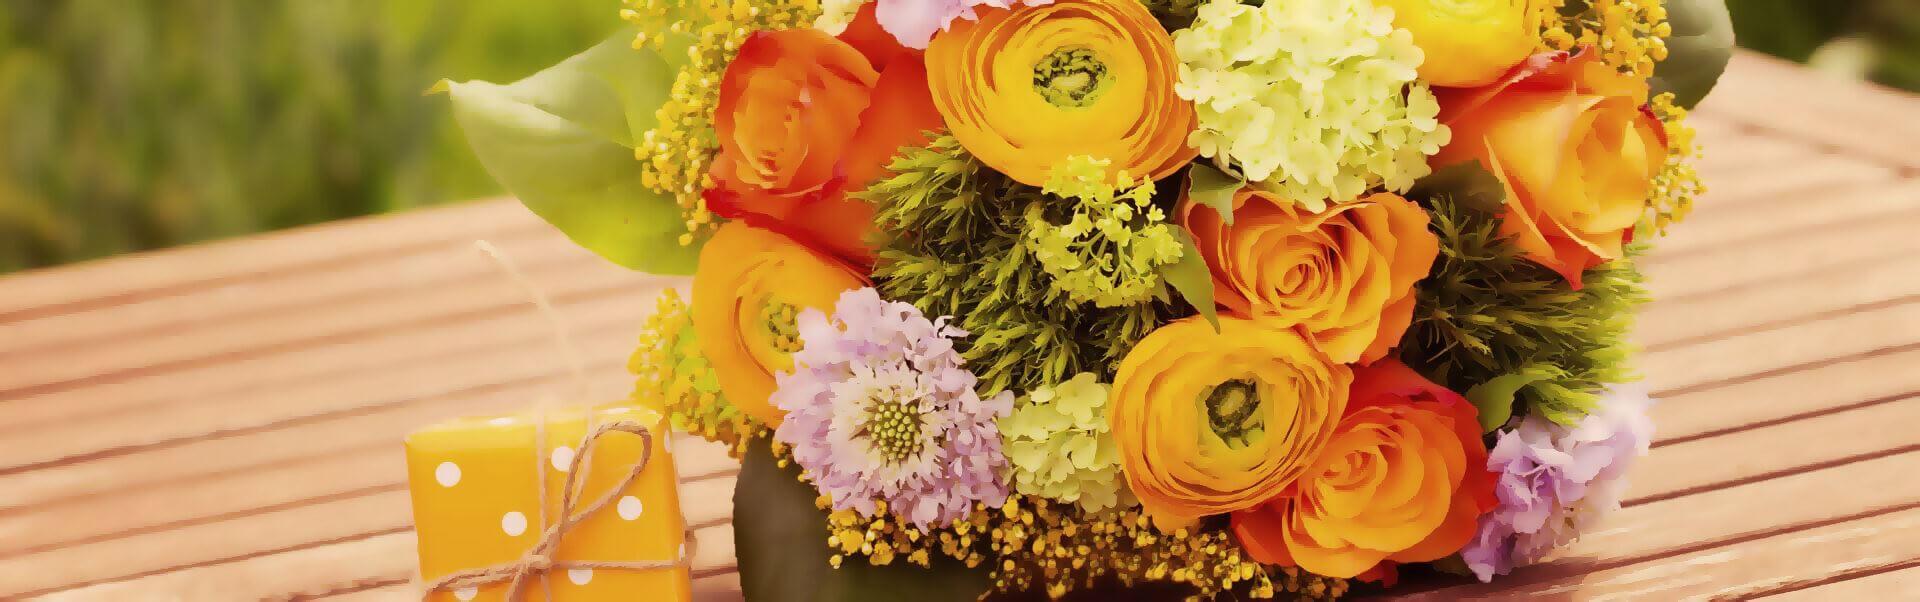 Blumen Header Bild